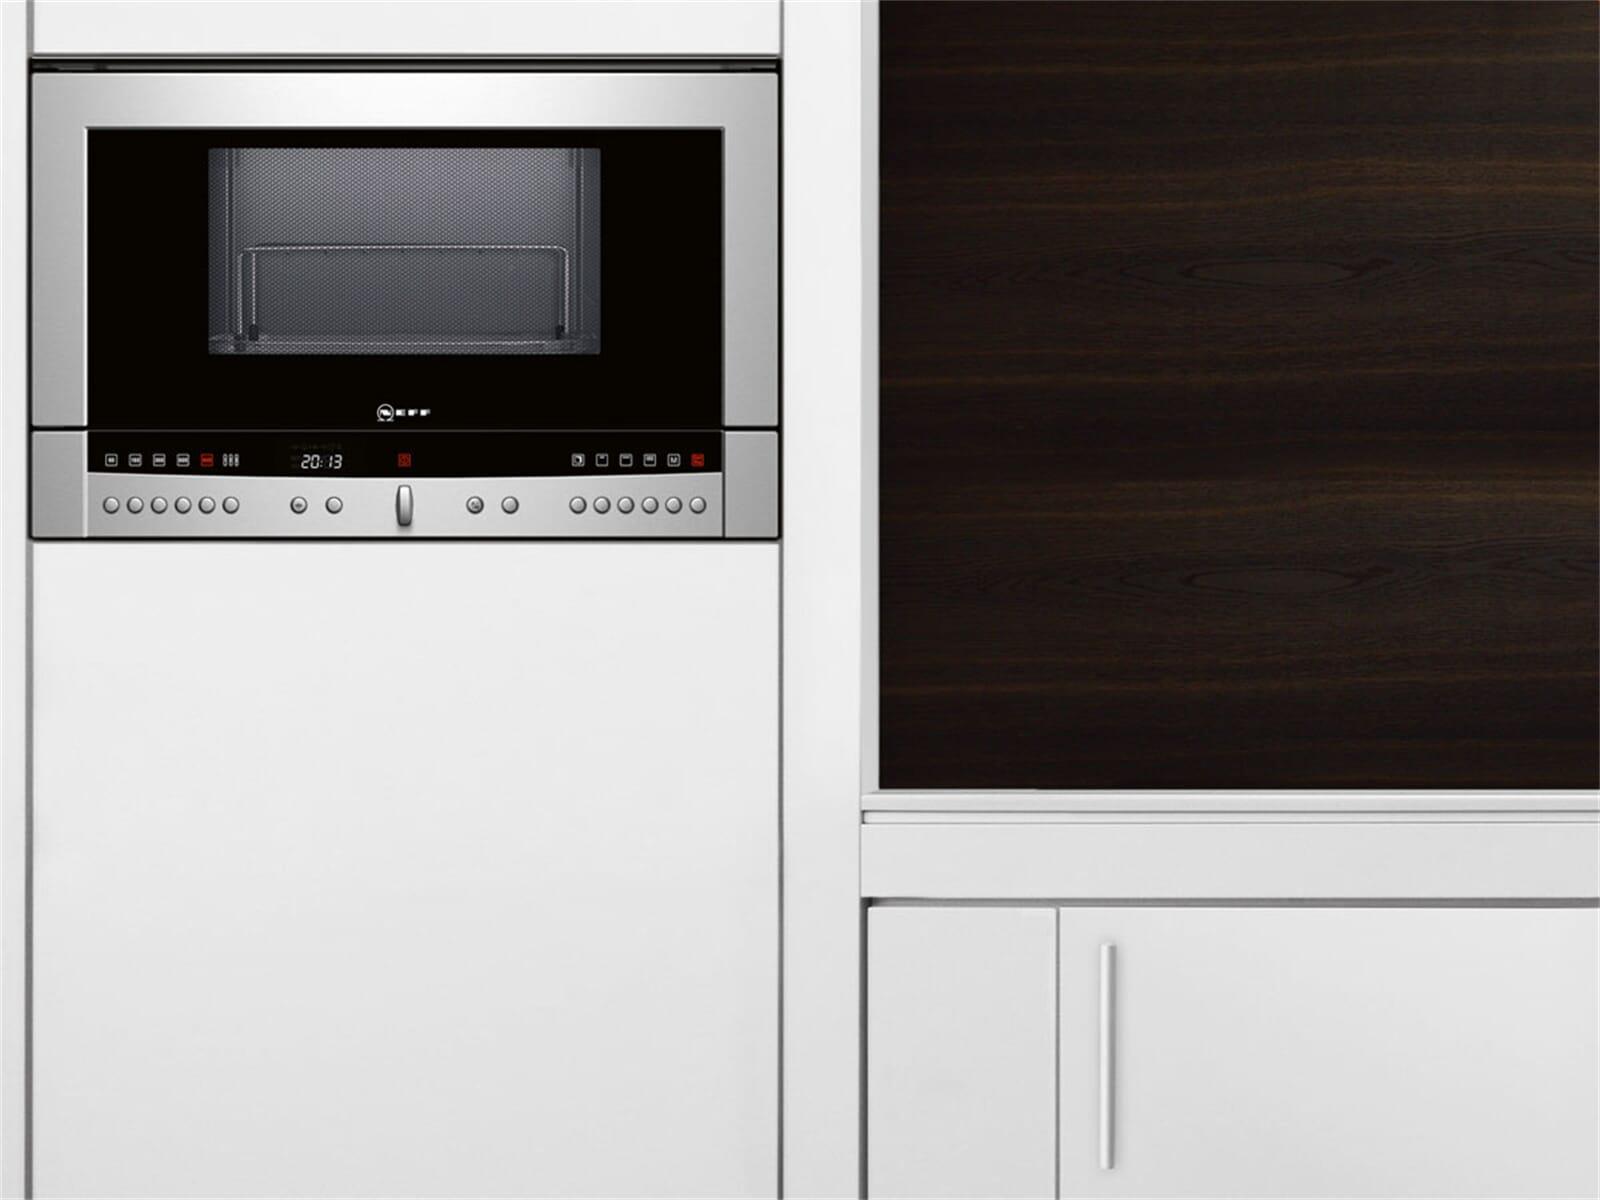 neff cr 5470 n einbau mikrowelle edelstahl grill oberschrank hochschrank 38cm ebay. Black Bedroom Furniture Sets. Home Design Ideas